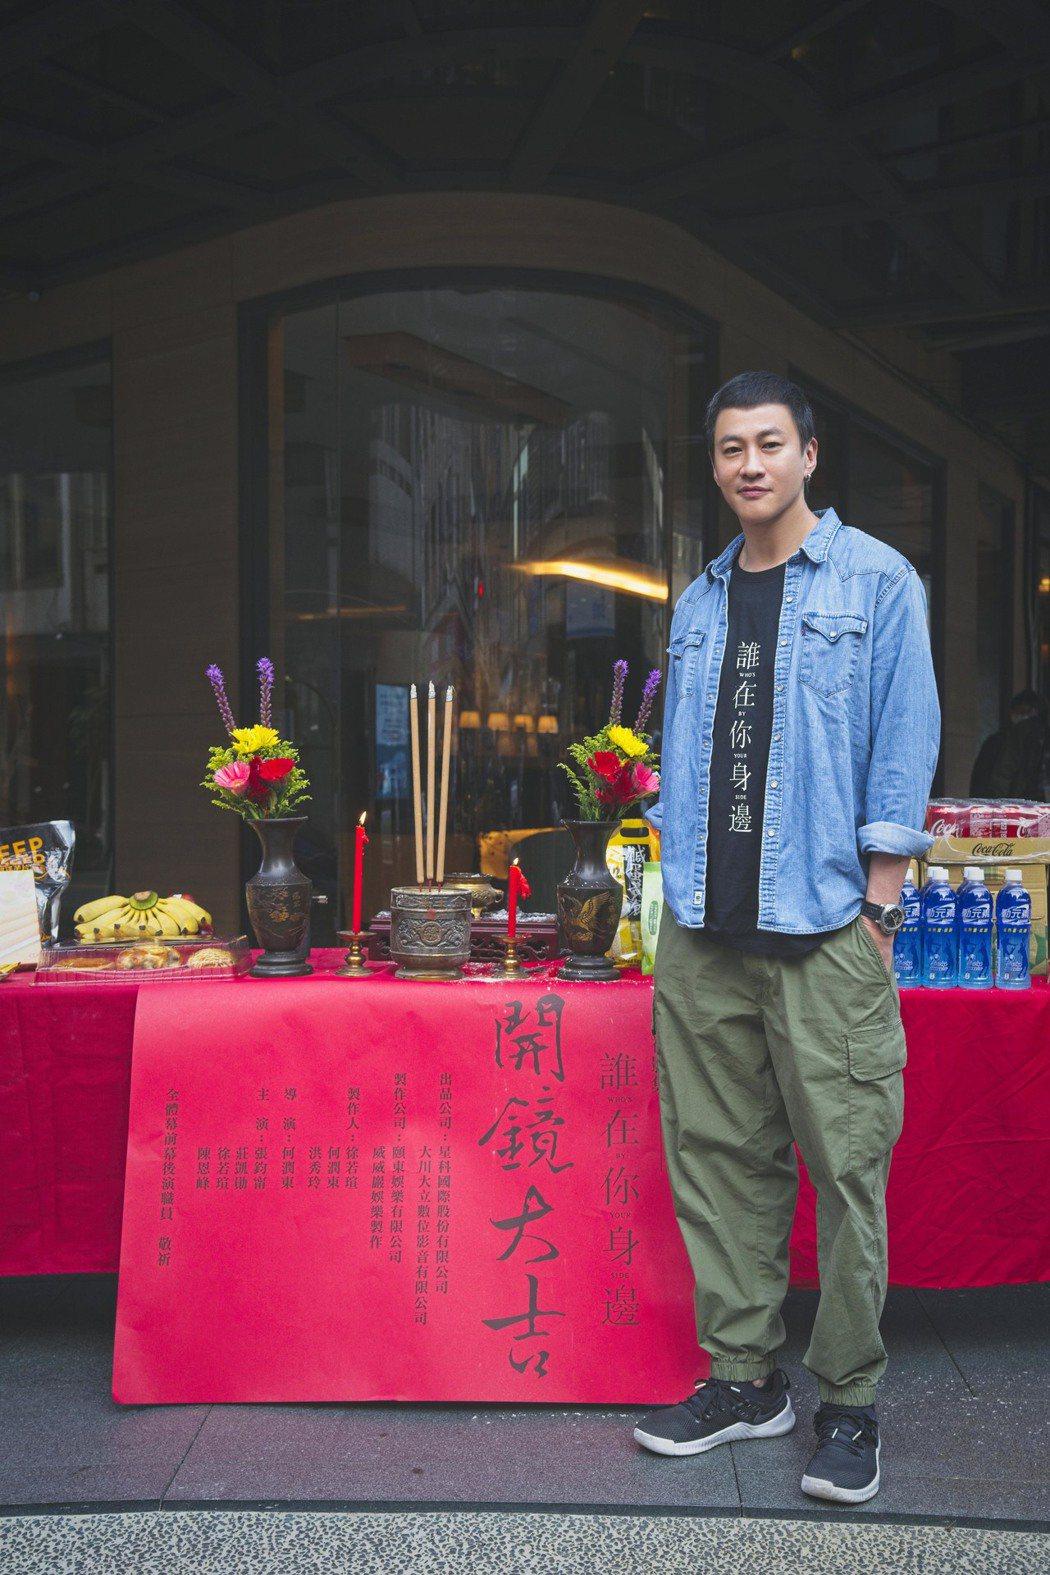 何潤東自製全新黑暗懸疑影集「誰在你身邊」舉行開鏡儀式。圖/頤東娛樂提供